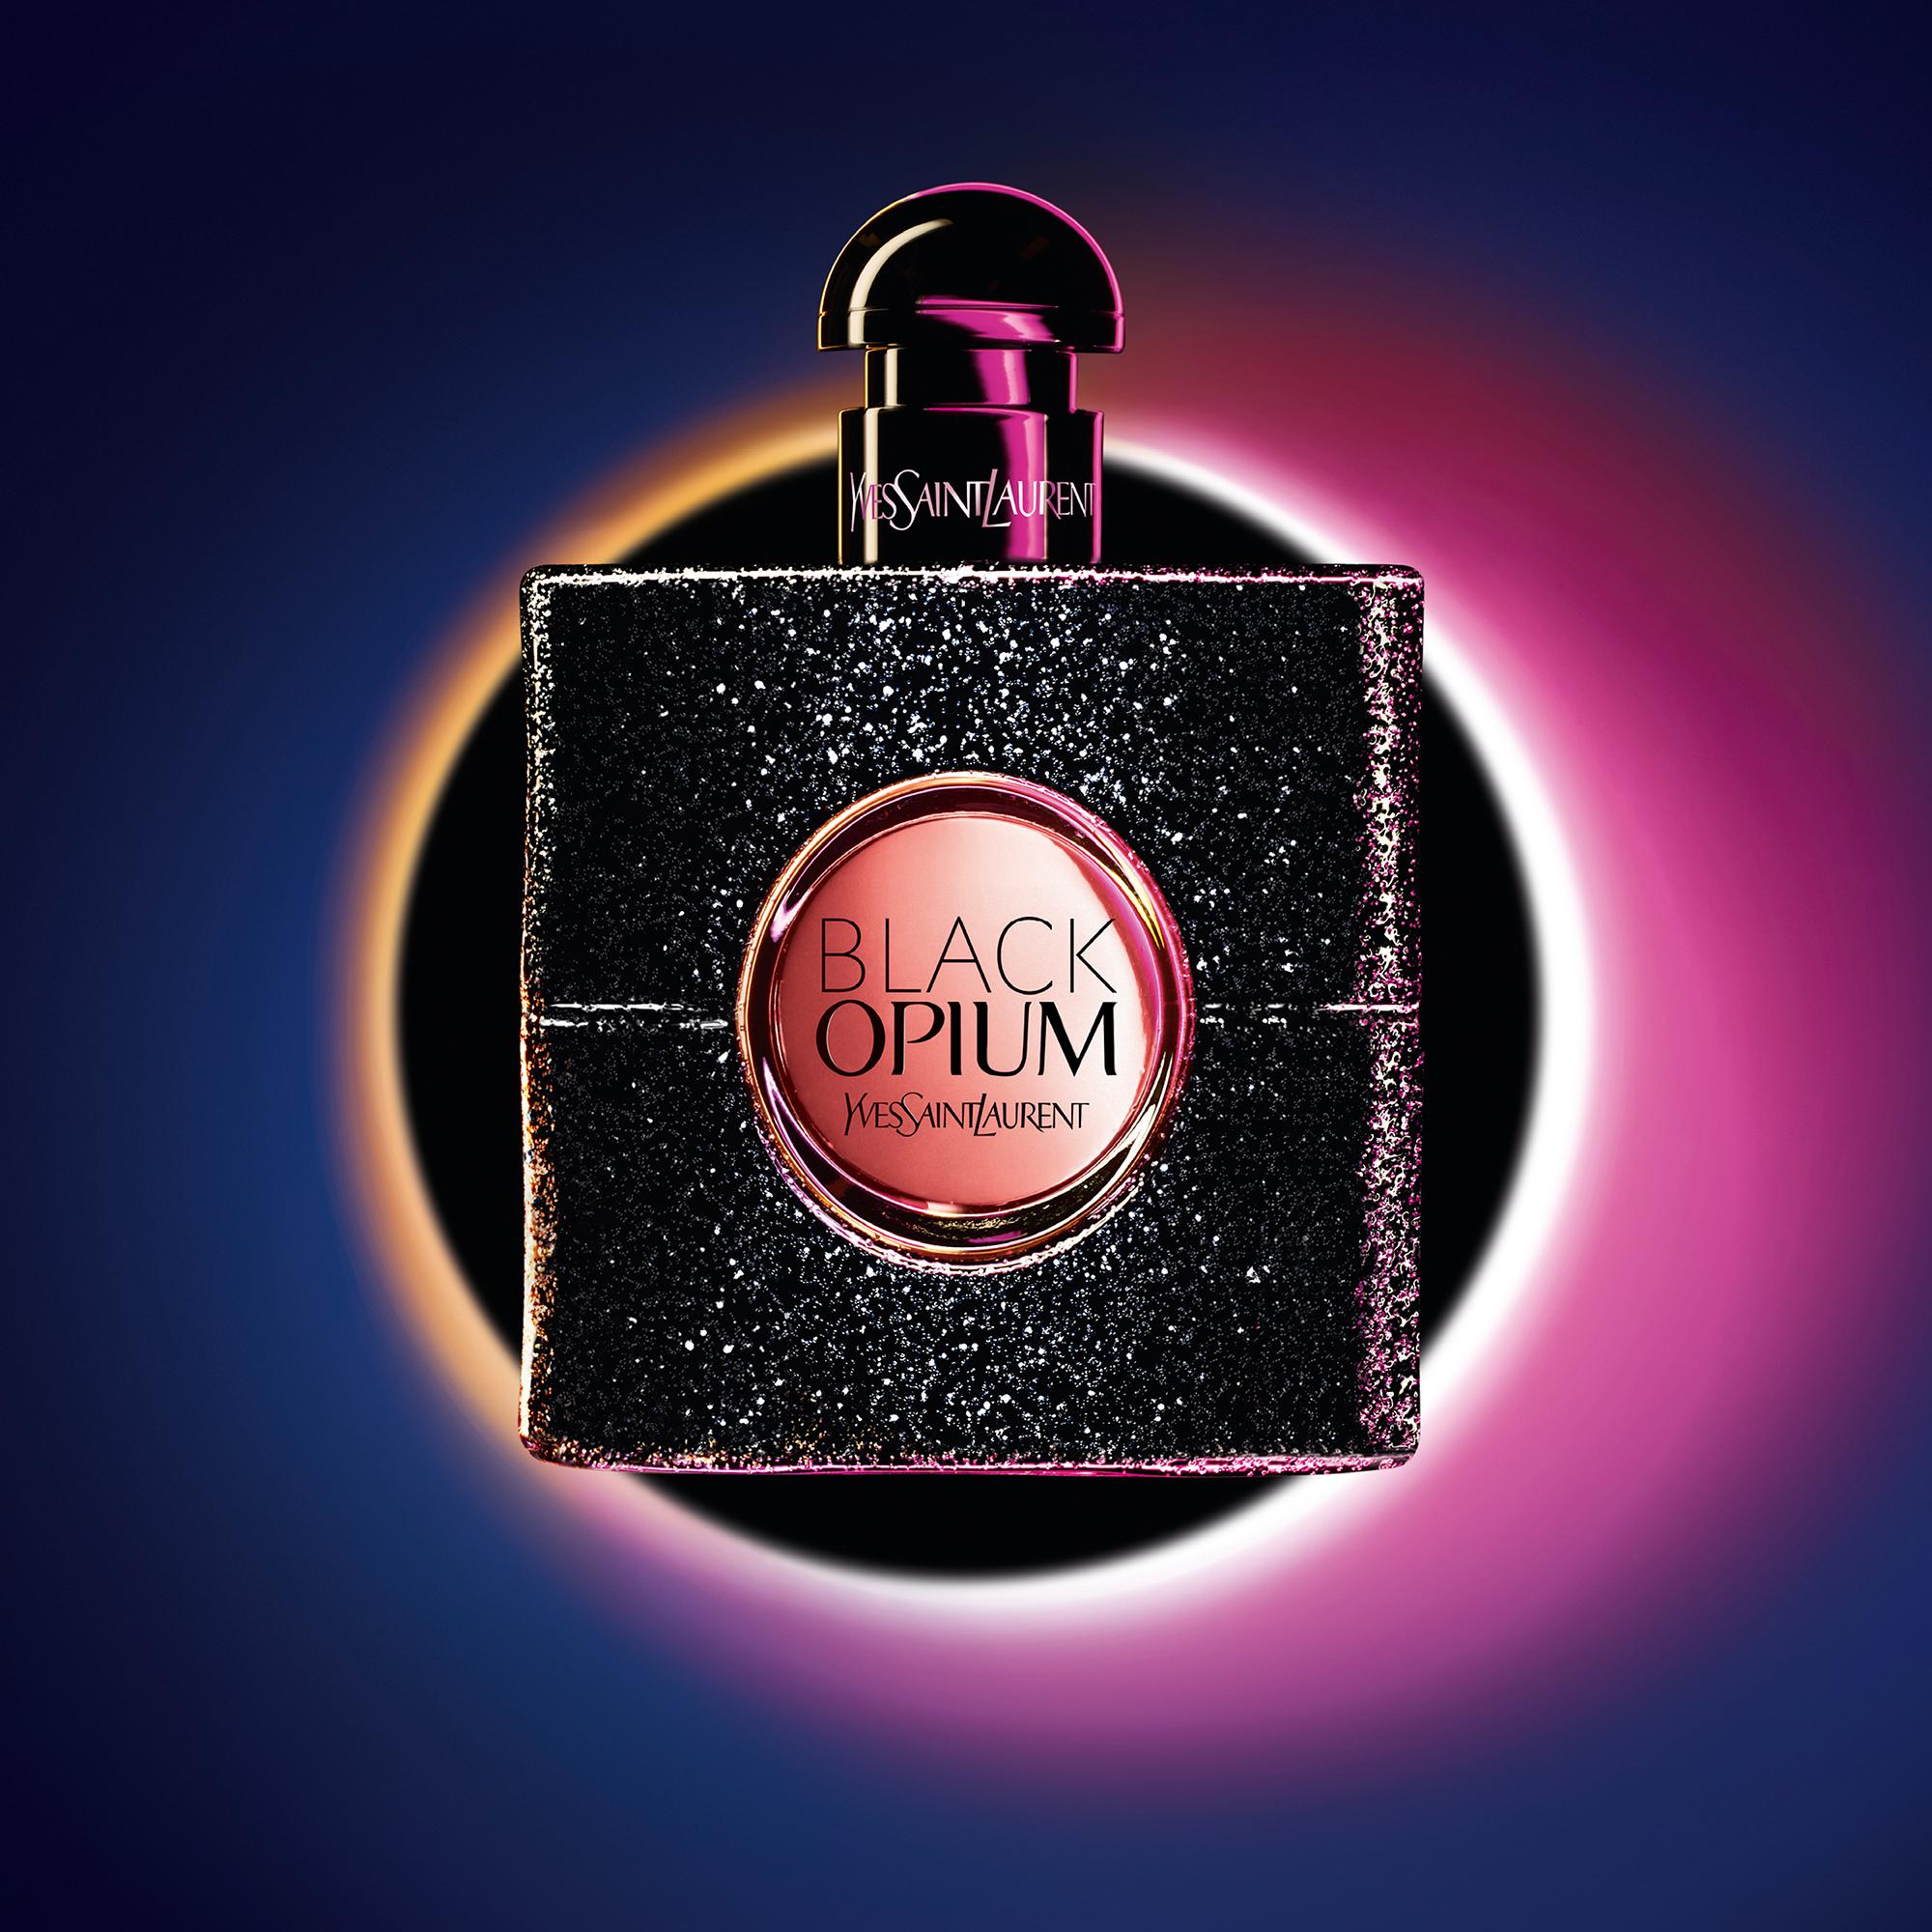 Yves Saint Laurent Black Opium EDP, 30 ml